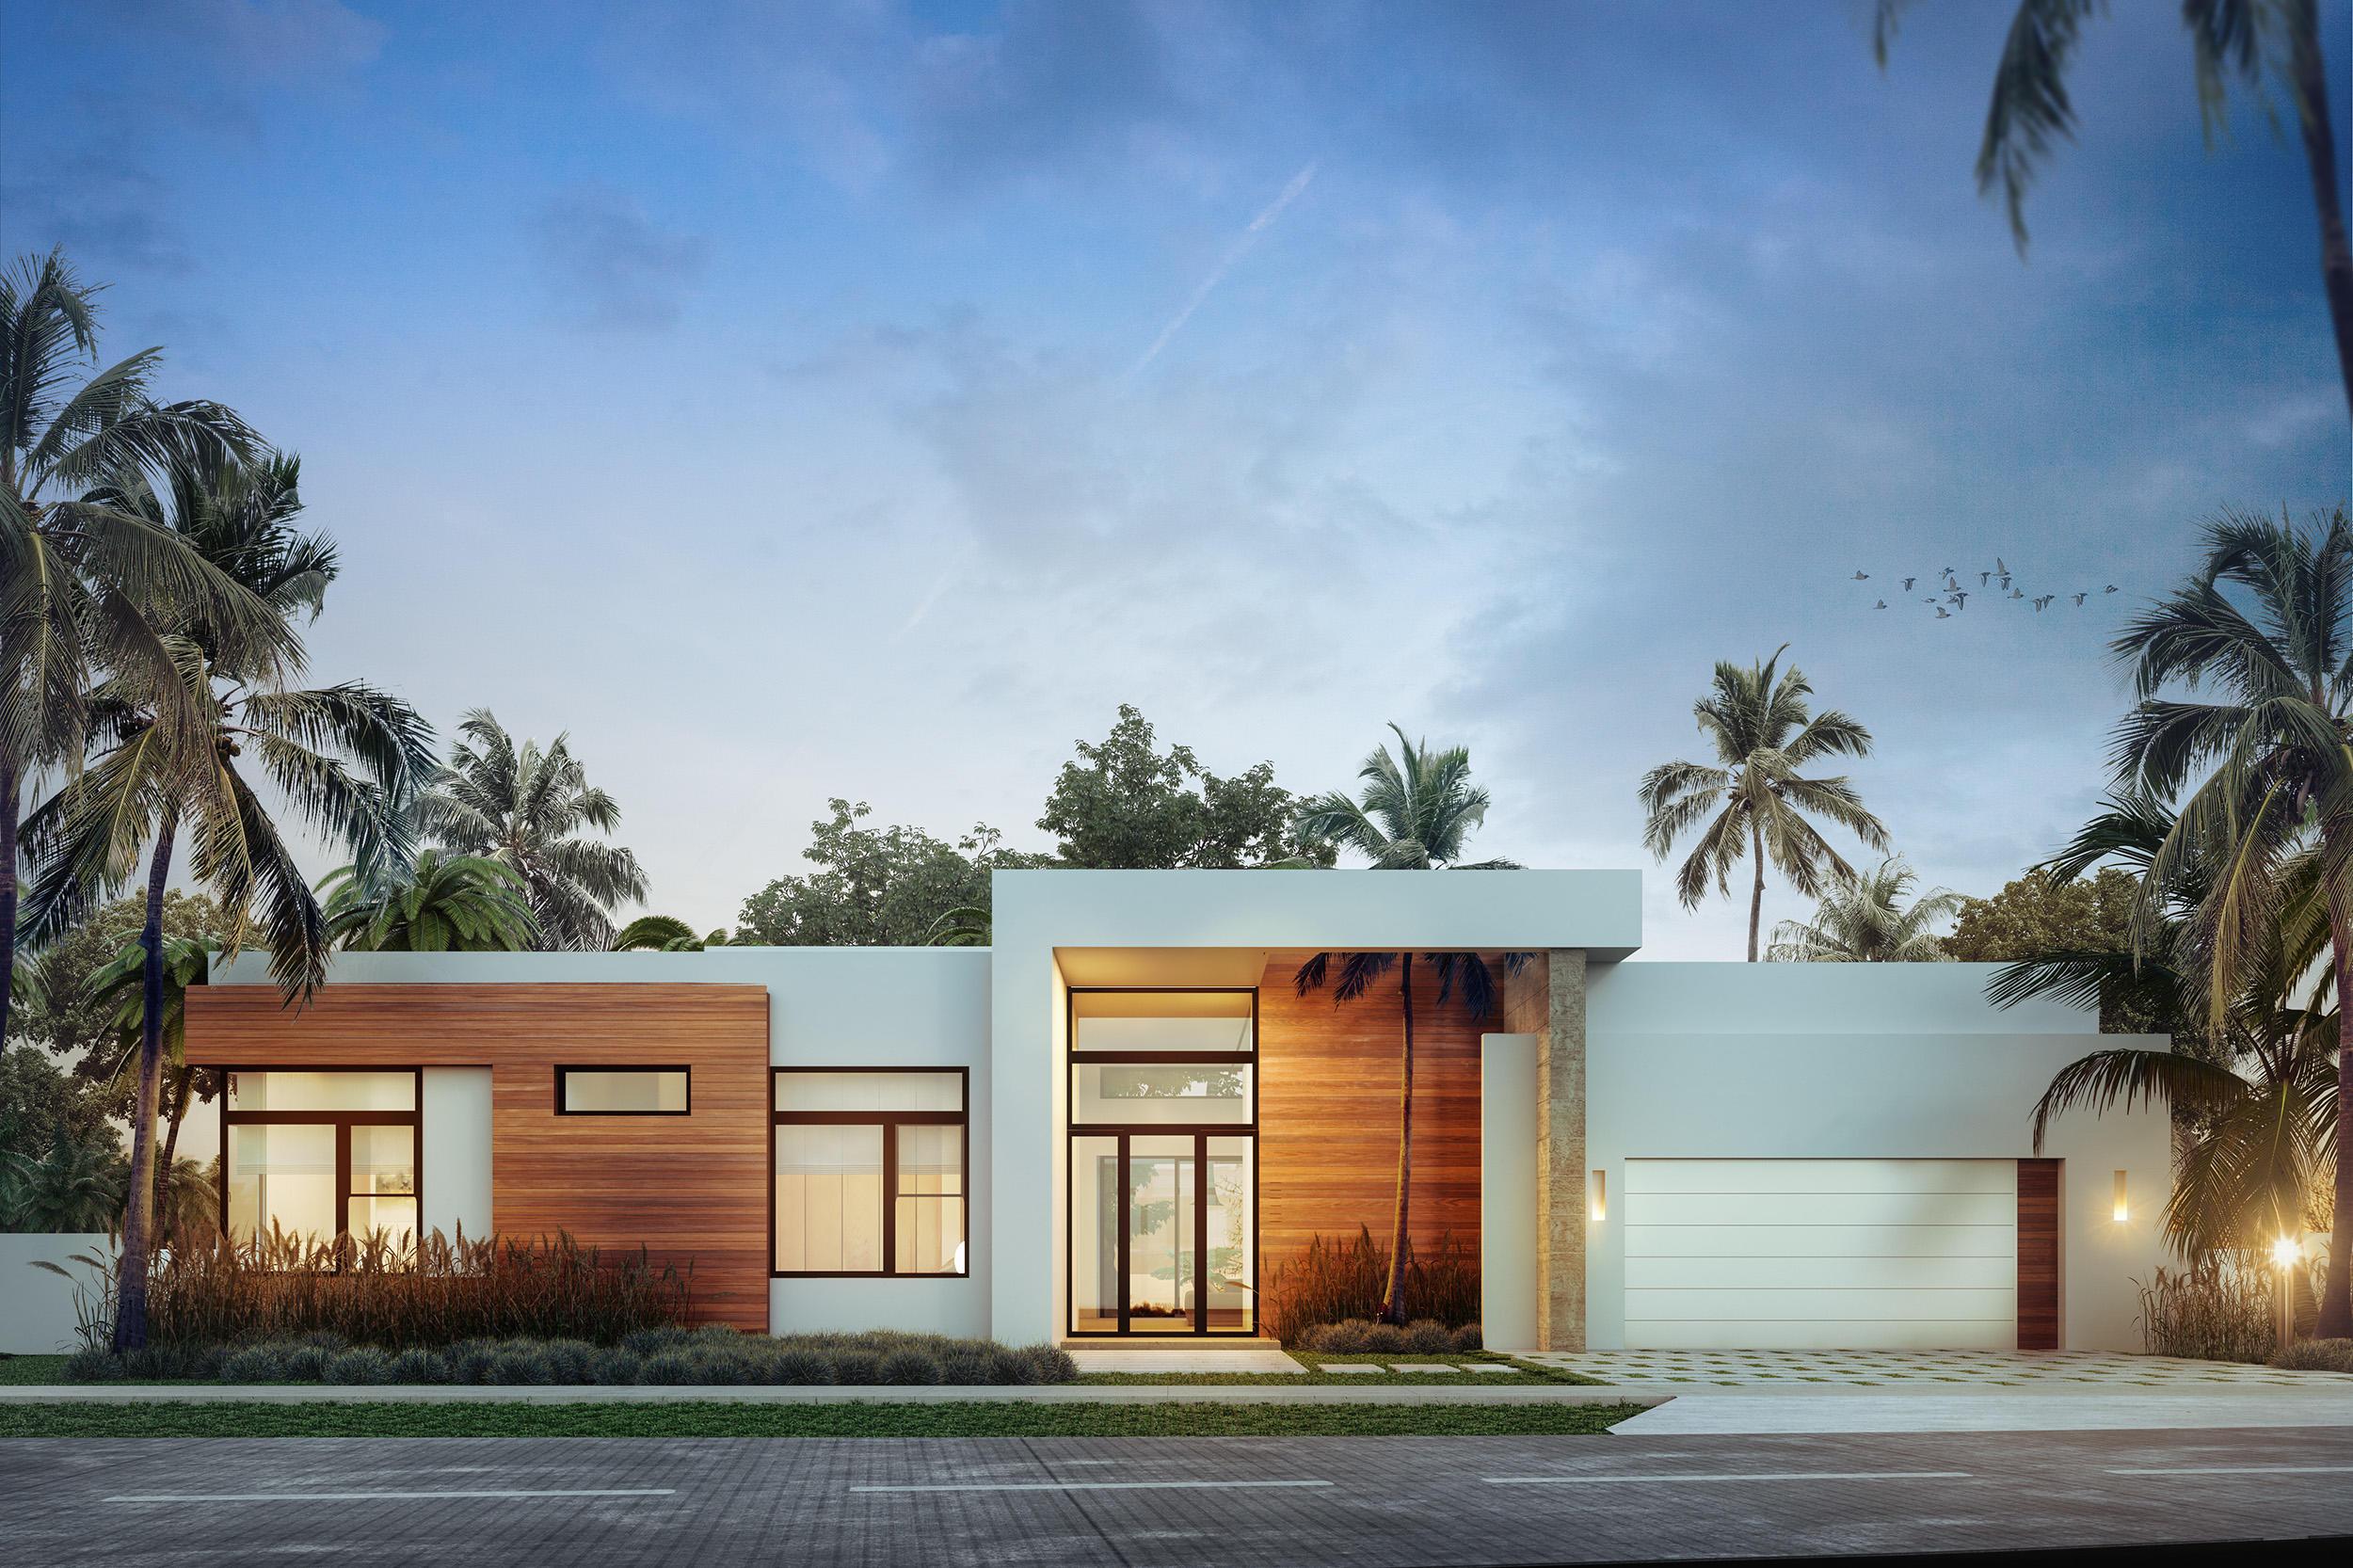 117 Coconut Road, Delray Beach, Florida 33444, 4 Bedrooms Bedrooms, ,3.1 BathroomsBathrooms,Single Family,For Sale,Coconut,RX-10494831